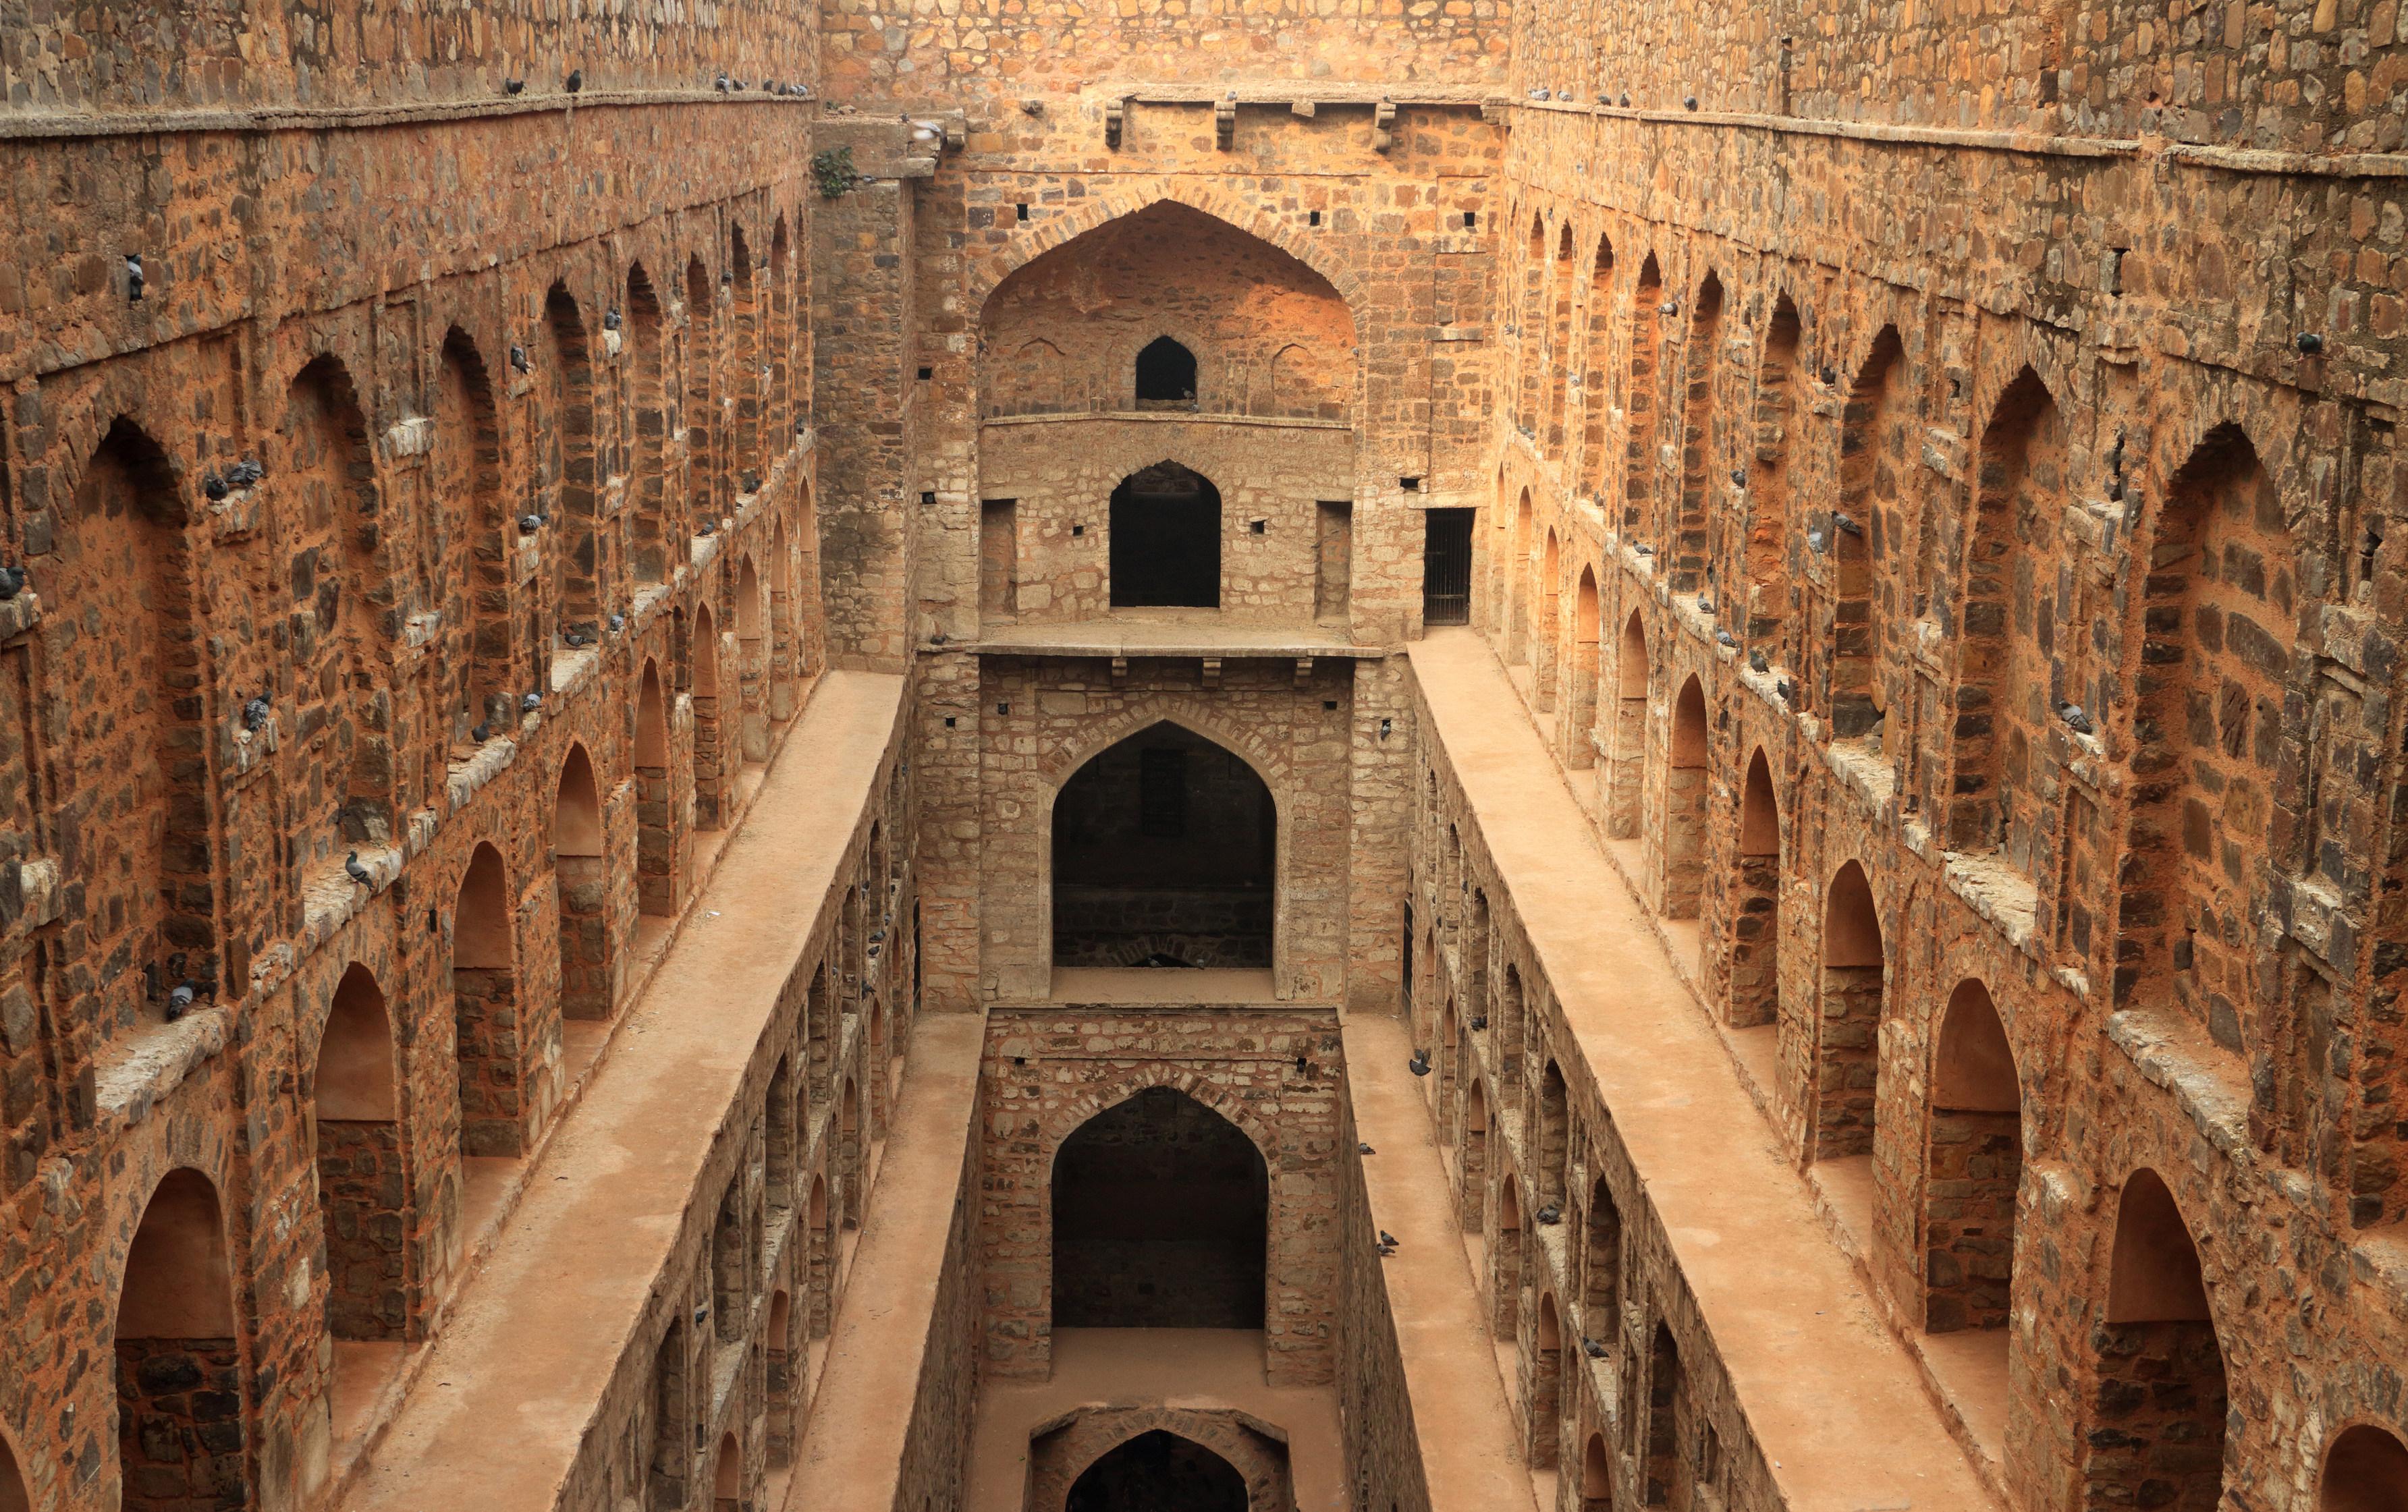 Agrasen Ki Baoli, Step Well